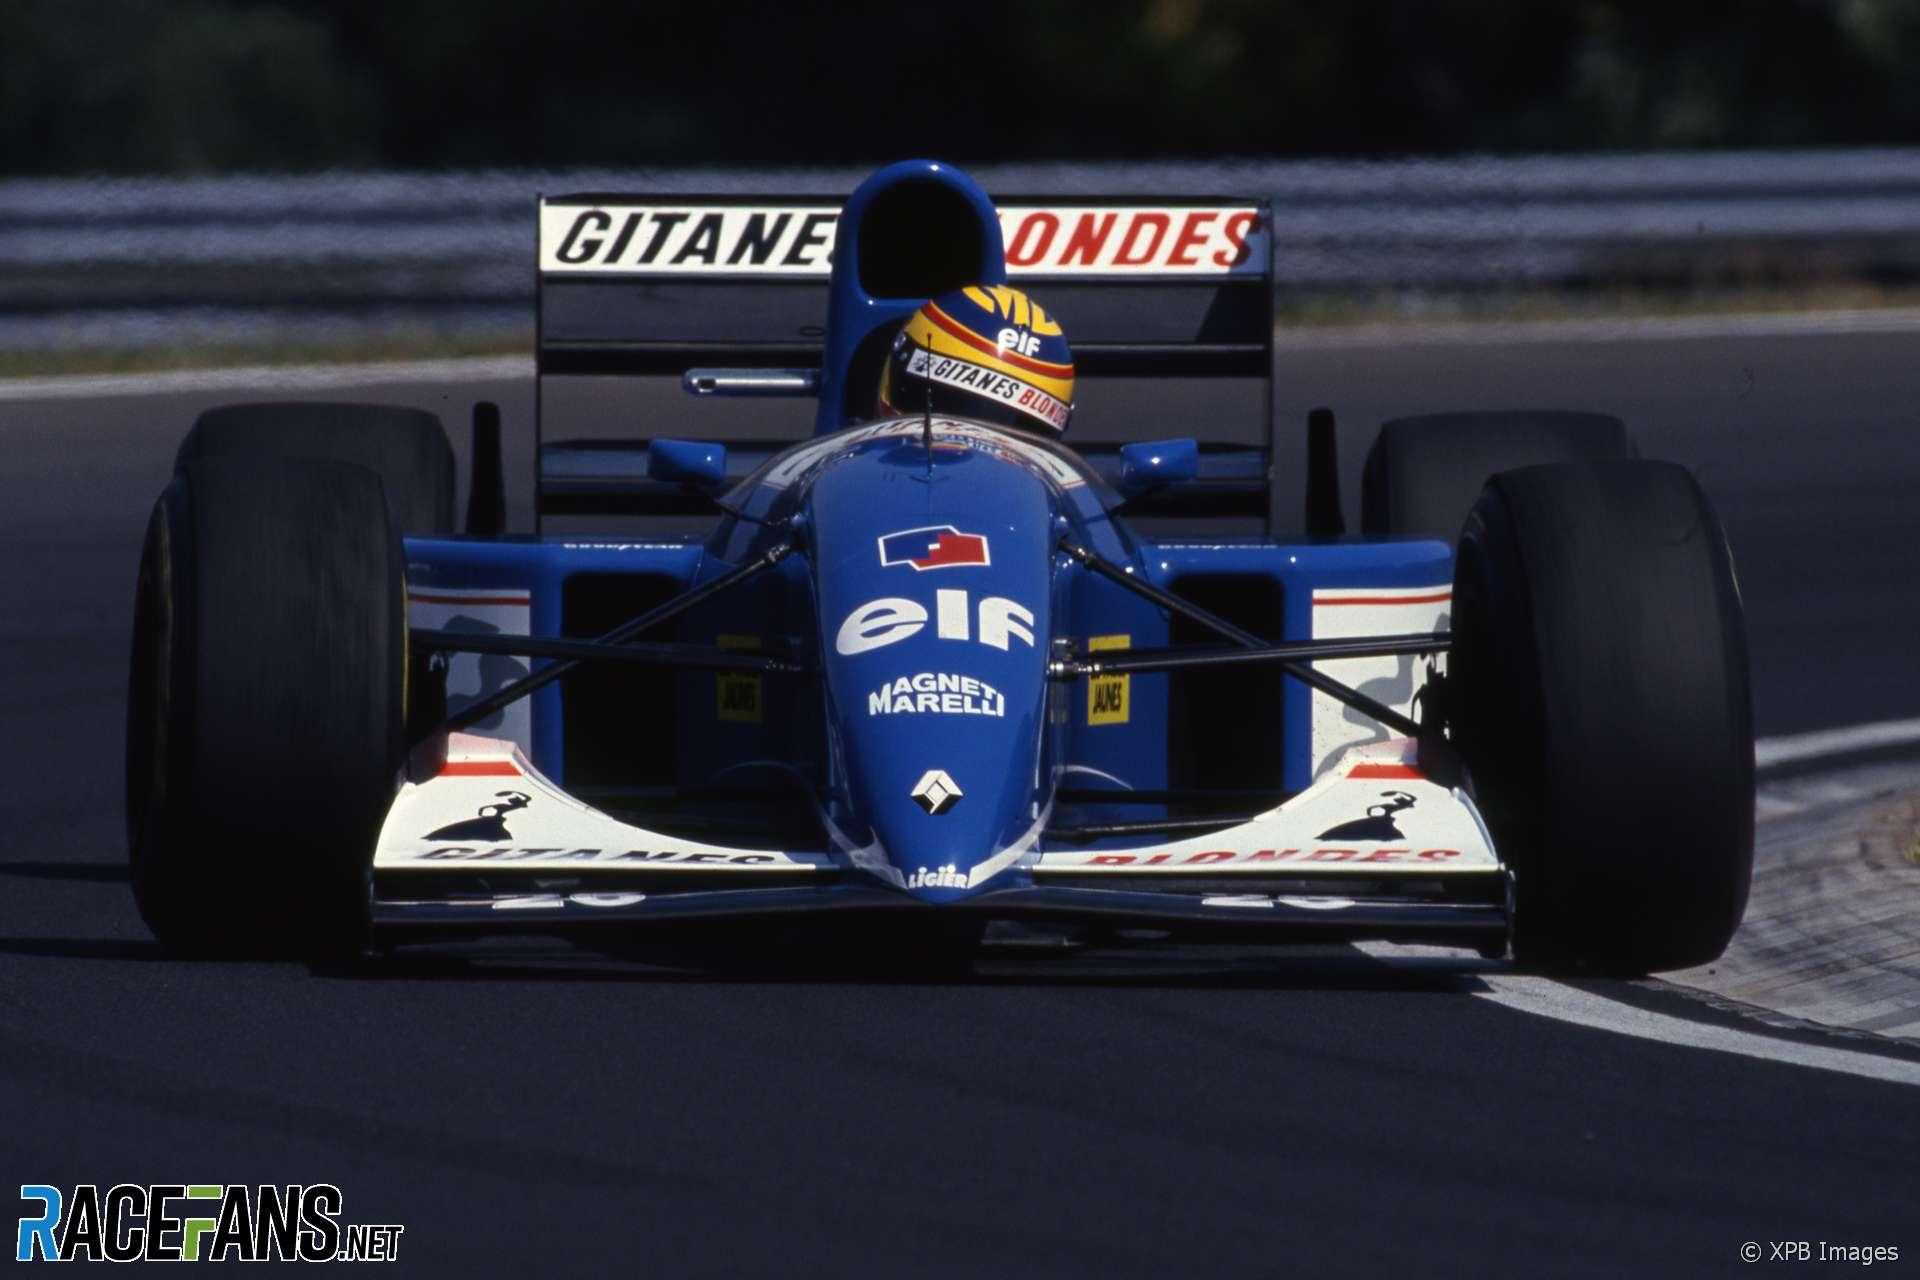 Mark Blundell, Ligier, Hungaroring, 1993